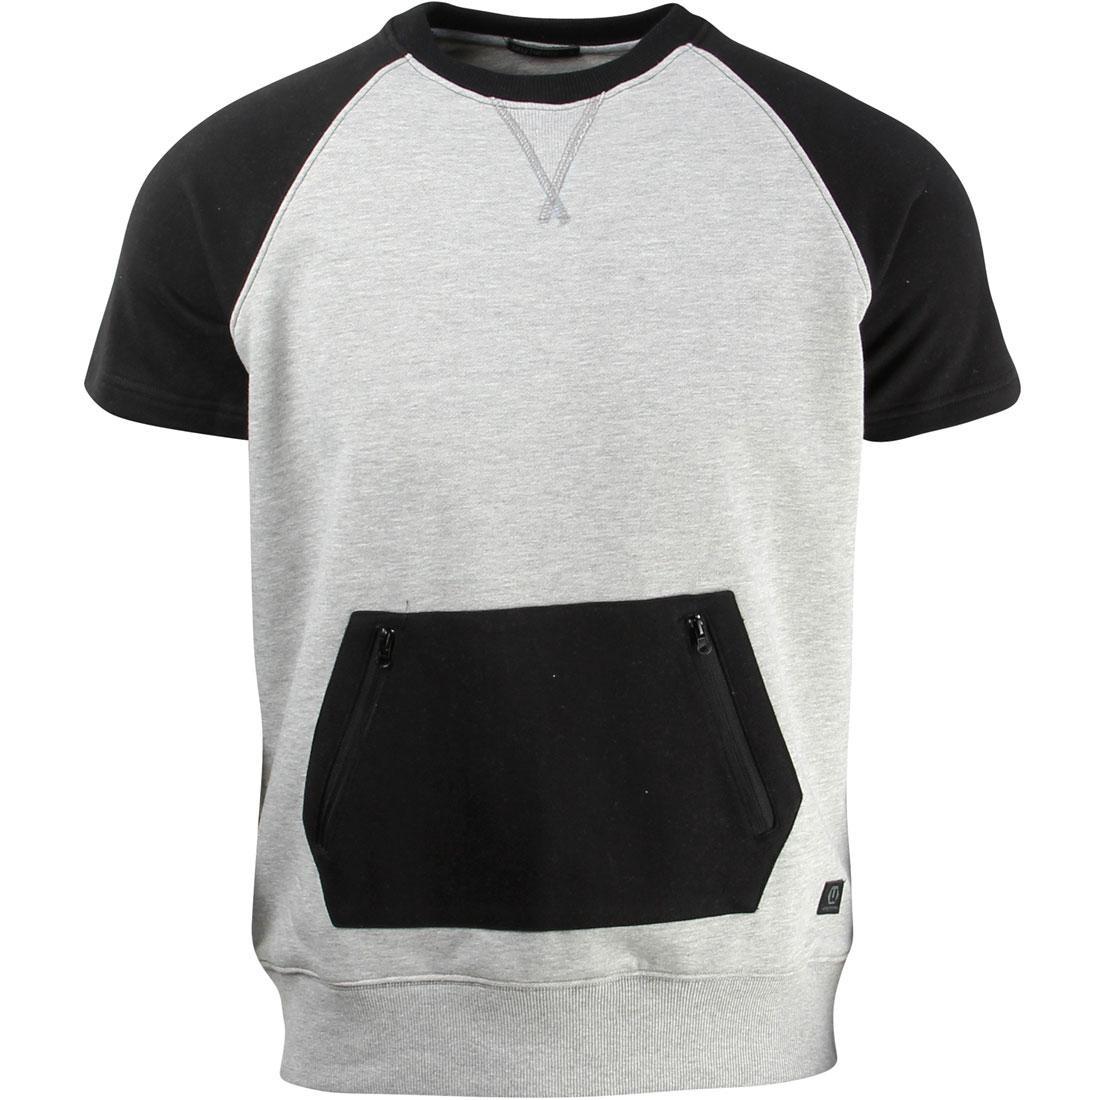 【スーパーセール中! 6/11深夜2時迄】スリーブ Tシャツ メンズファッション トップス カットソー メンズ 【 Unyforme Men Forsyth Short Sleeve Tee (gray / Heather) 】 Gray / Heather